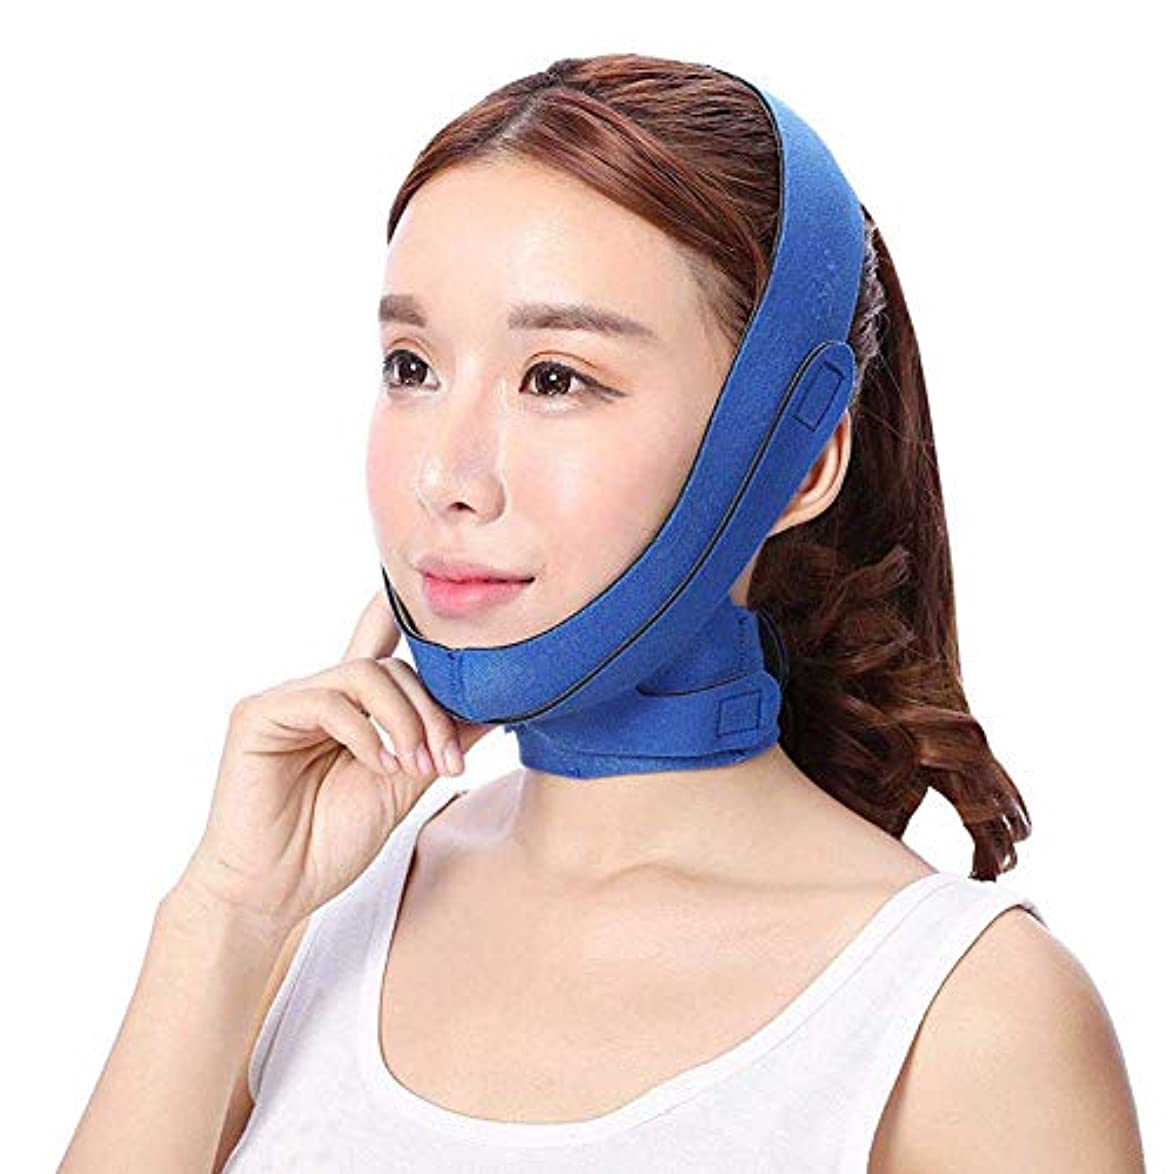 危機解任ジーンズフェイスリフティング包帯、薄いフェイスマスクVベルト/痩身包帯あご口腔マスク赤面